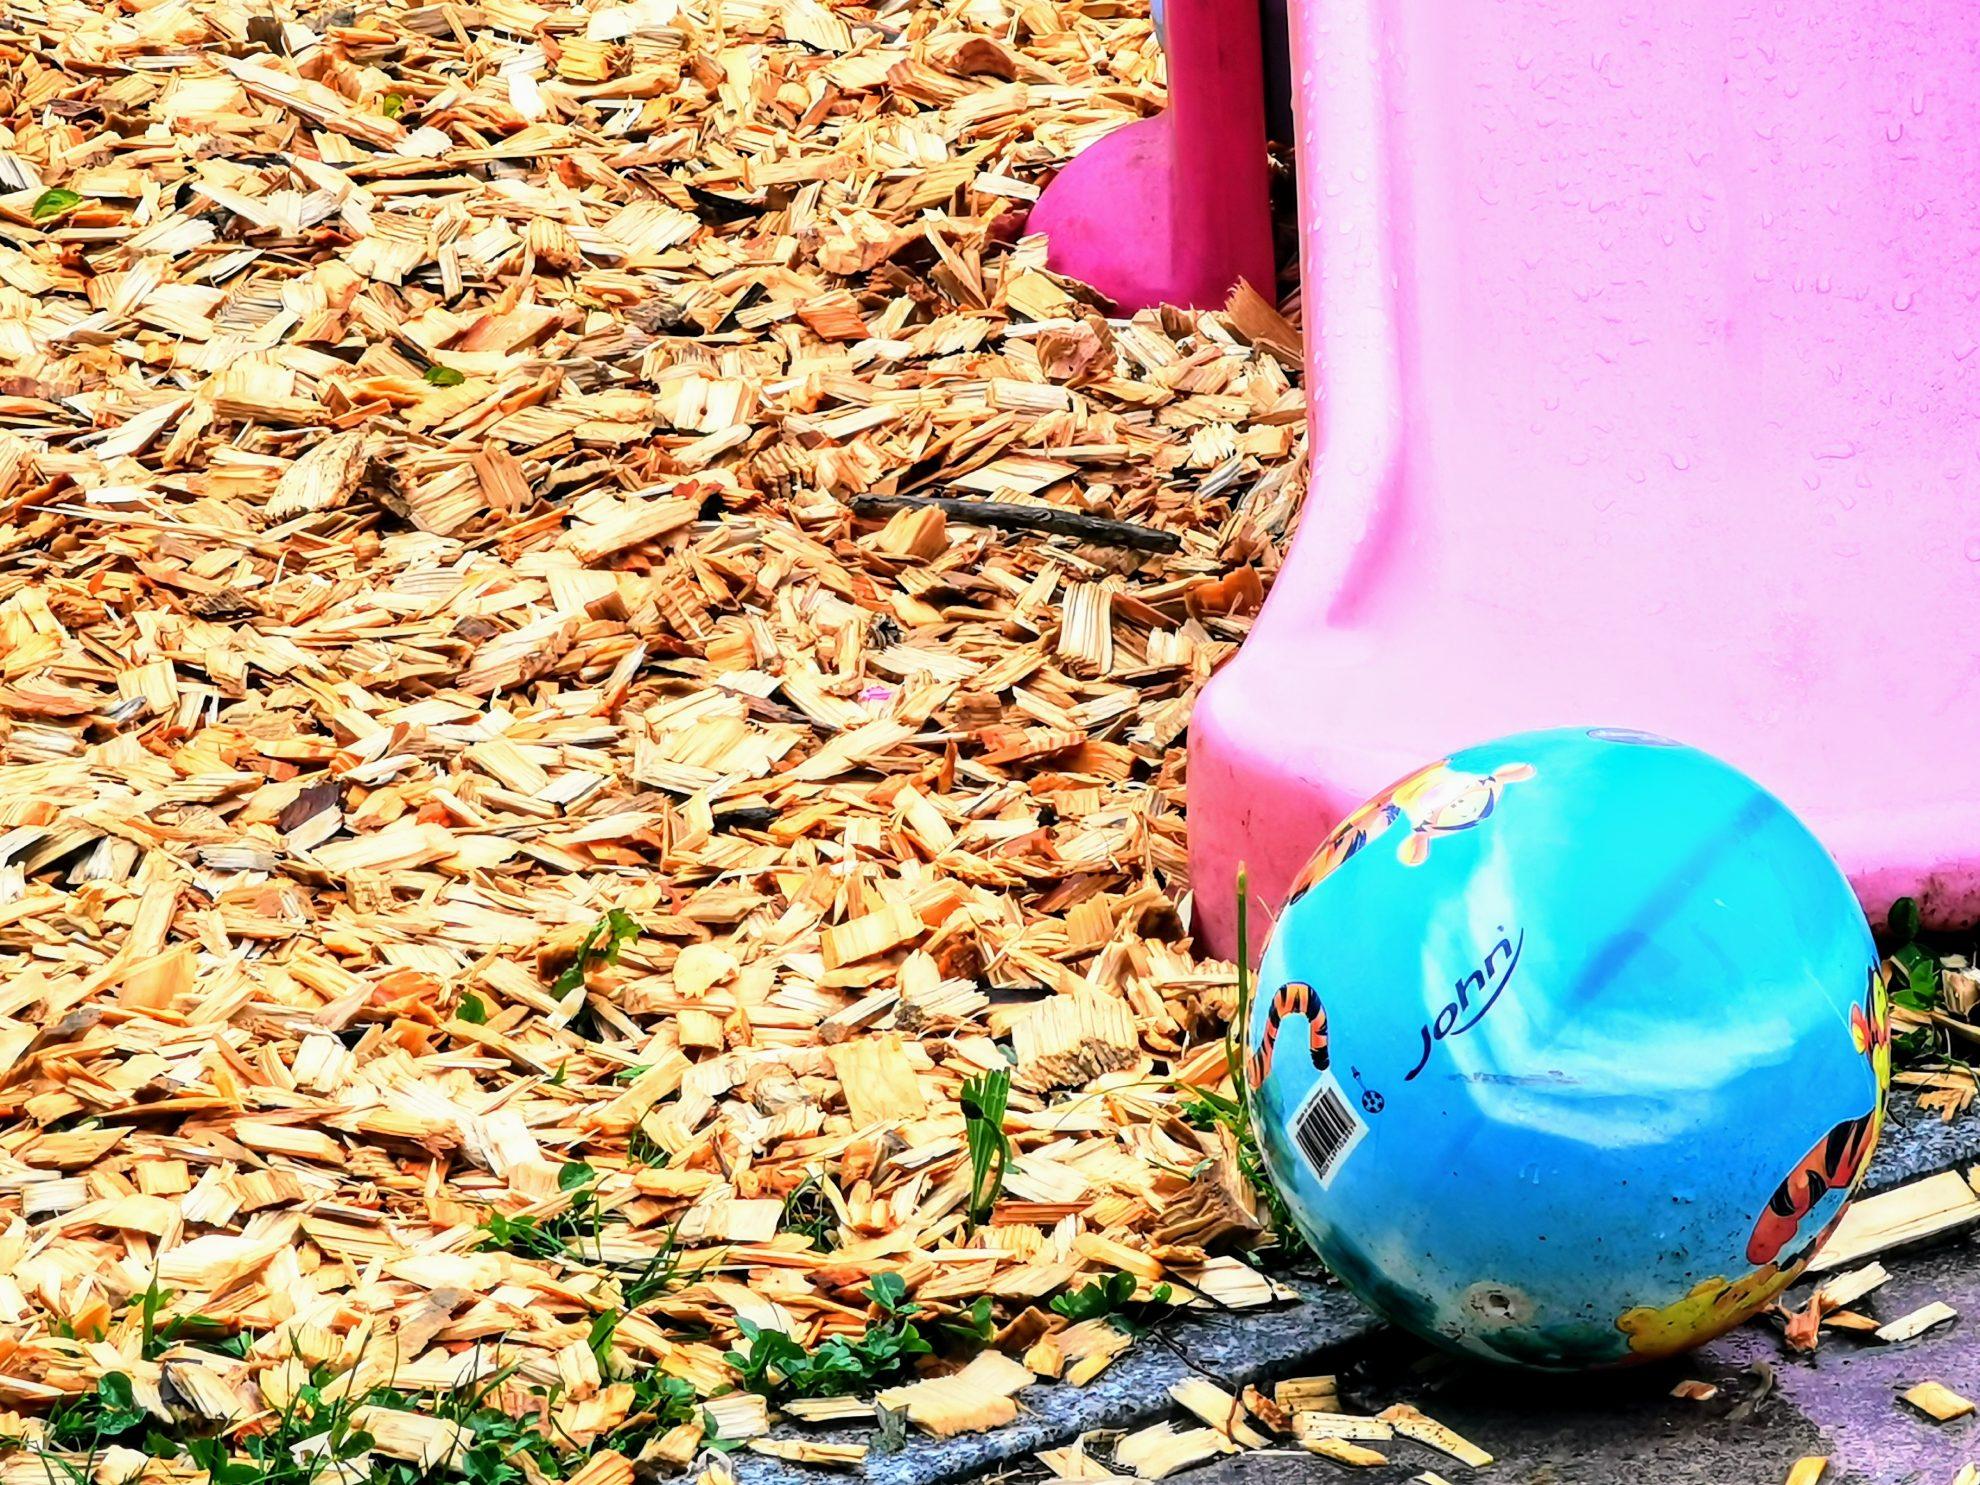 Ein blauer Ball vor einer pinken Rutsche